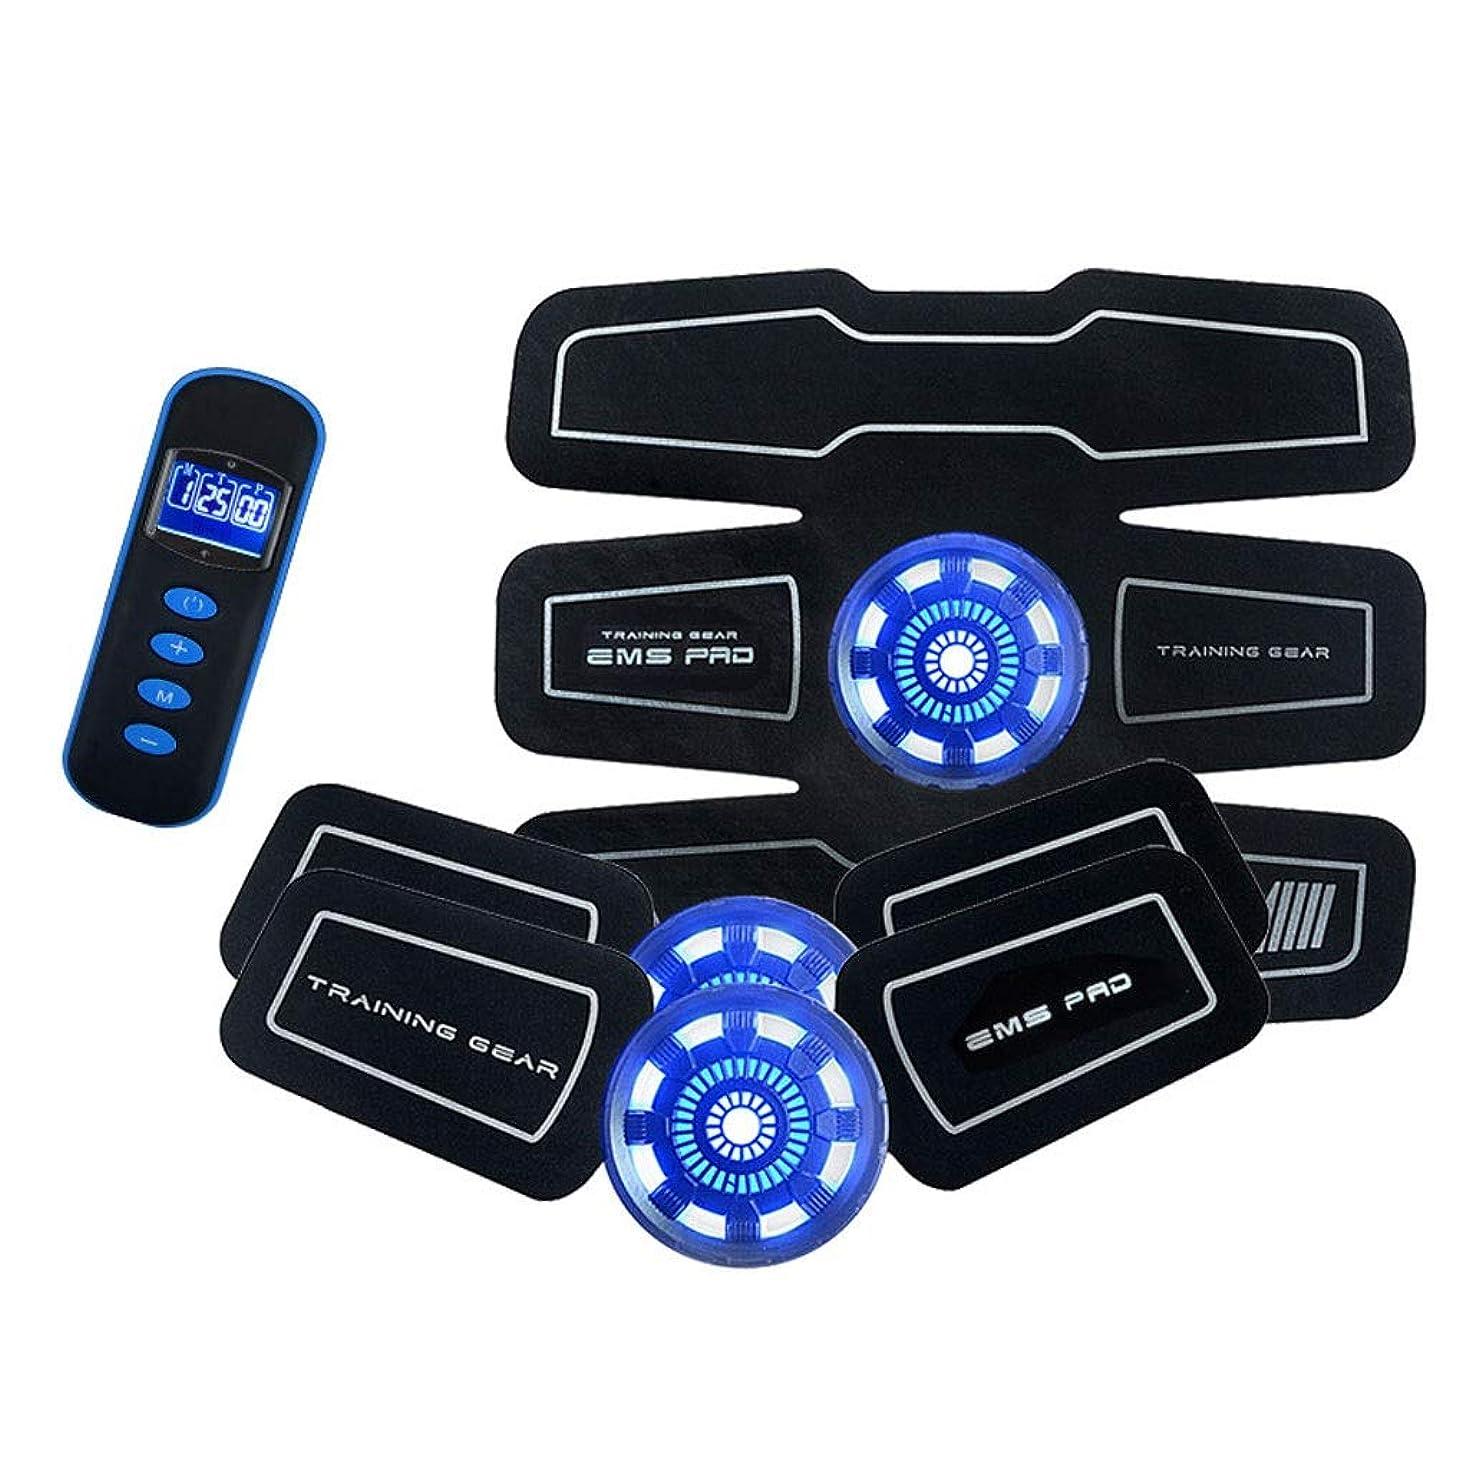 通り抜けるアサート着替える腹筋トレーナーフィットネストレーニングギア、リモコン付きEMS筋肉刺激装置 - USB充電式究極腹部刺激装置 - ポータブル筋肉トナー